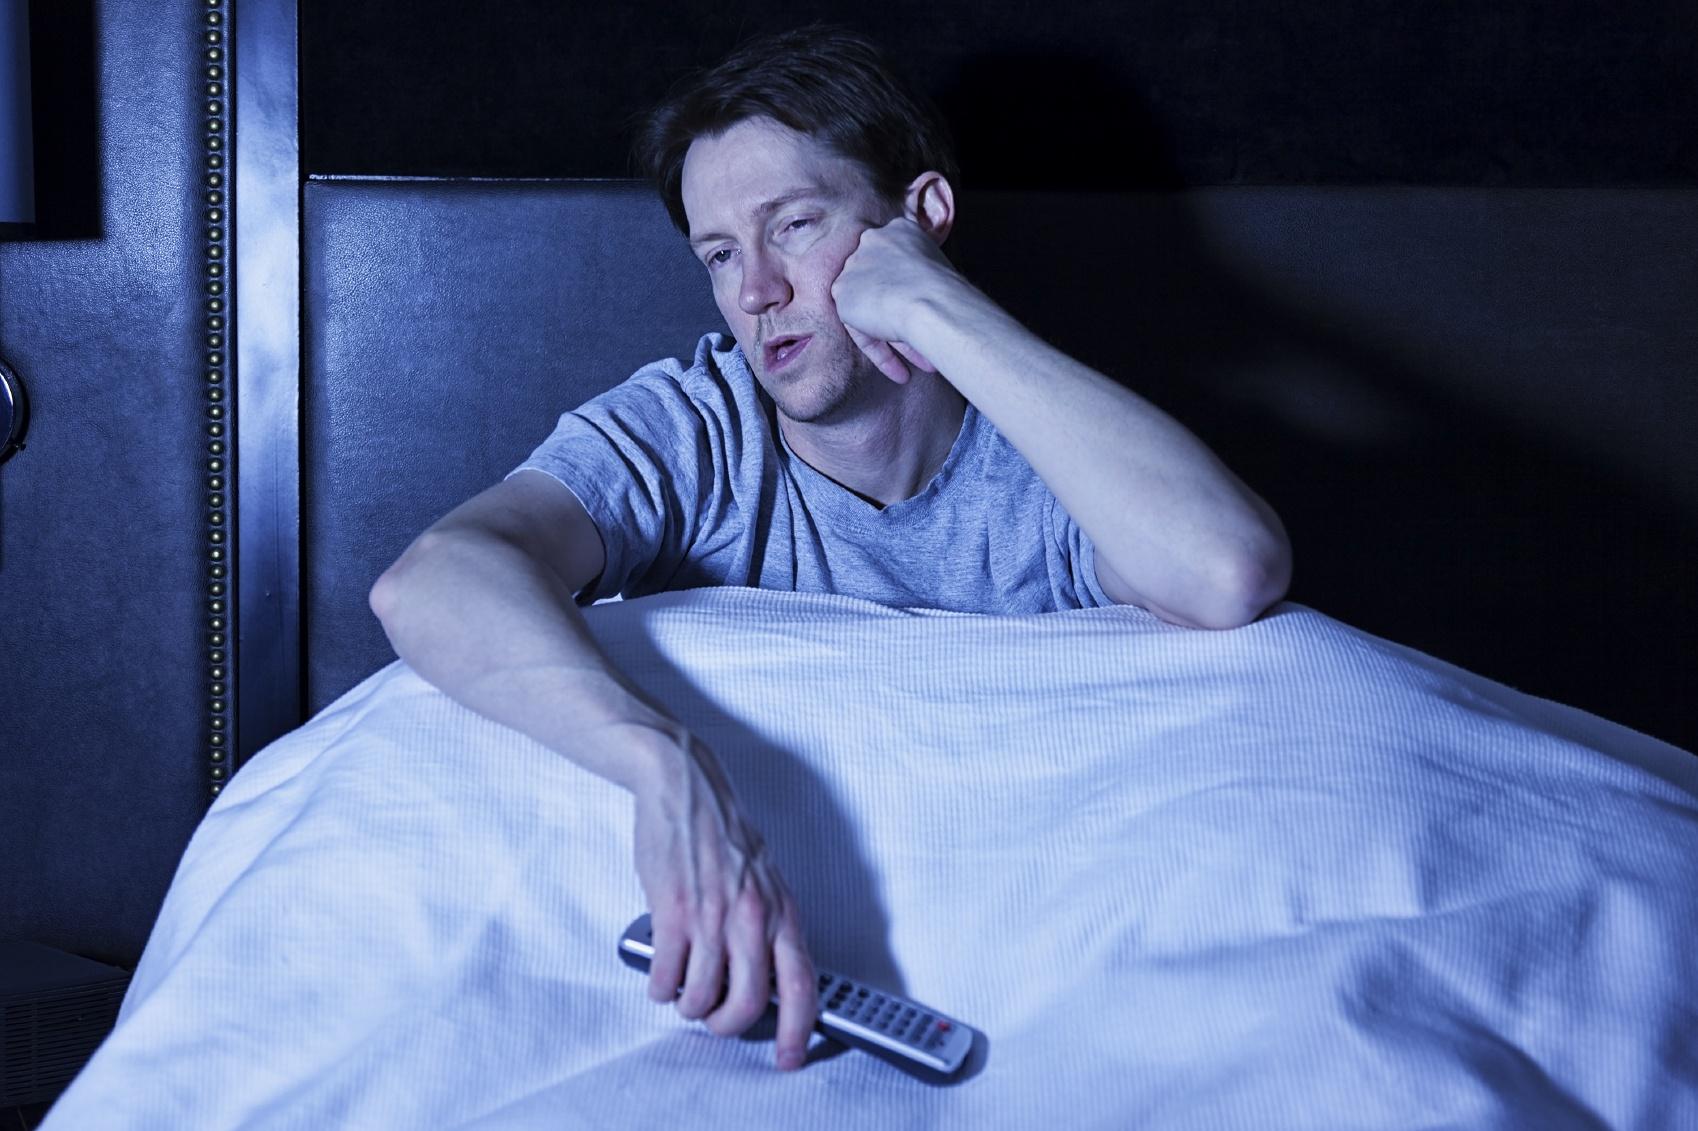 Yeterli Miktarda Uyulmadığında Ne Olur